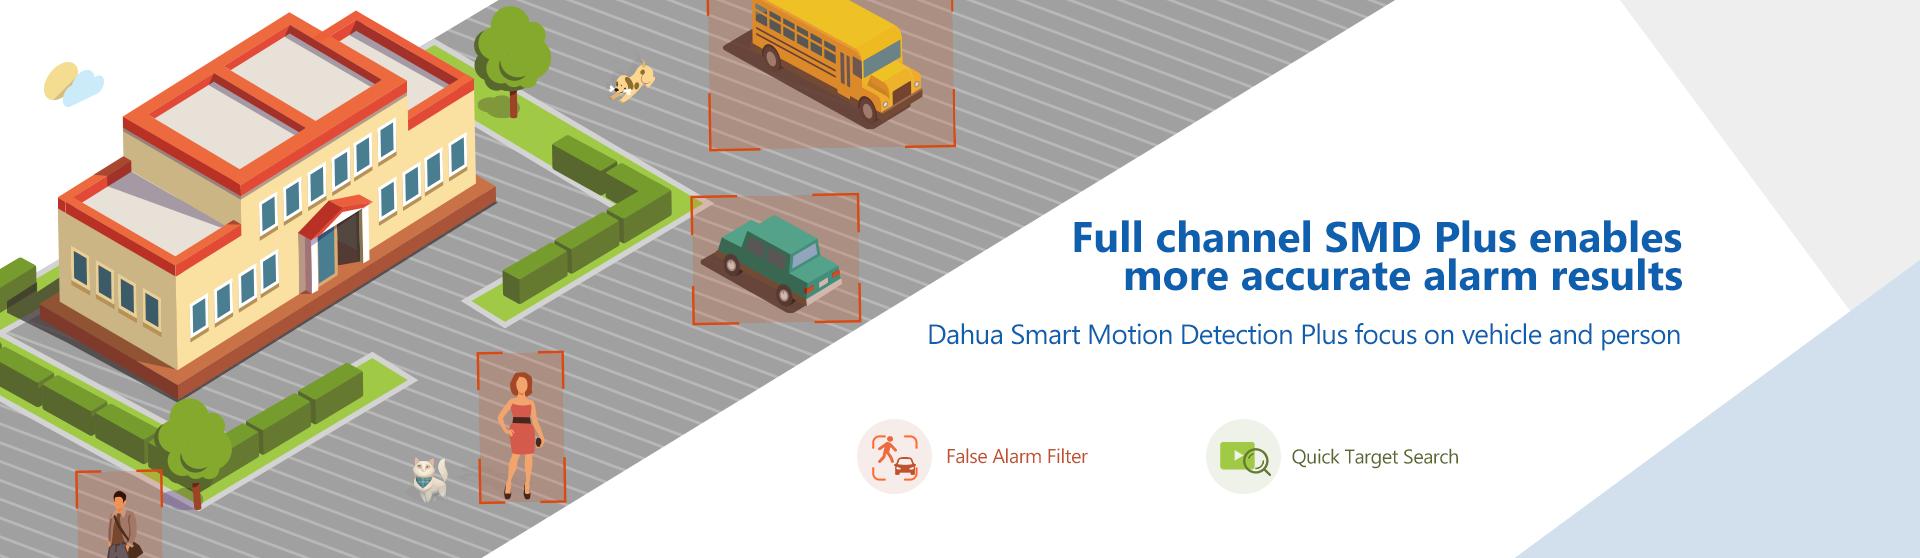 تکنولوژی داهوا از نسل جدید XVR های هوشمند Full-Channel با عنوان SMD Plus رونمایی کرد